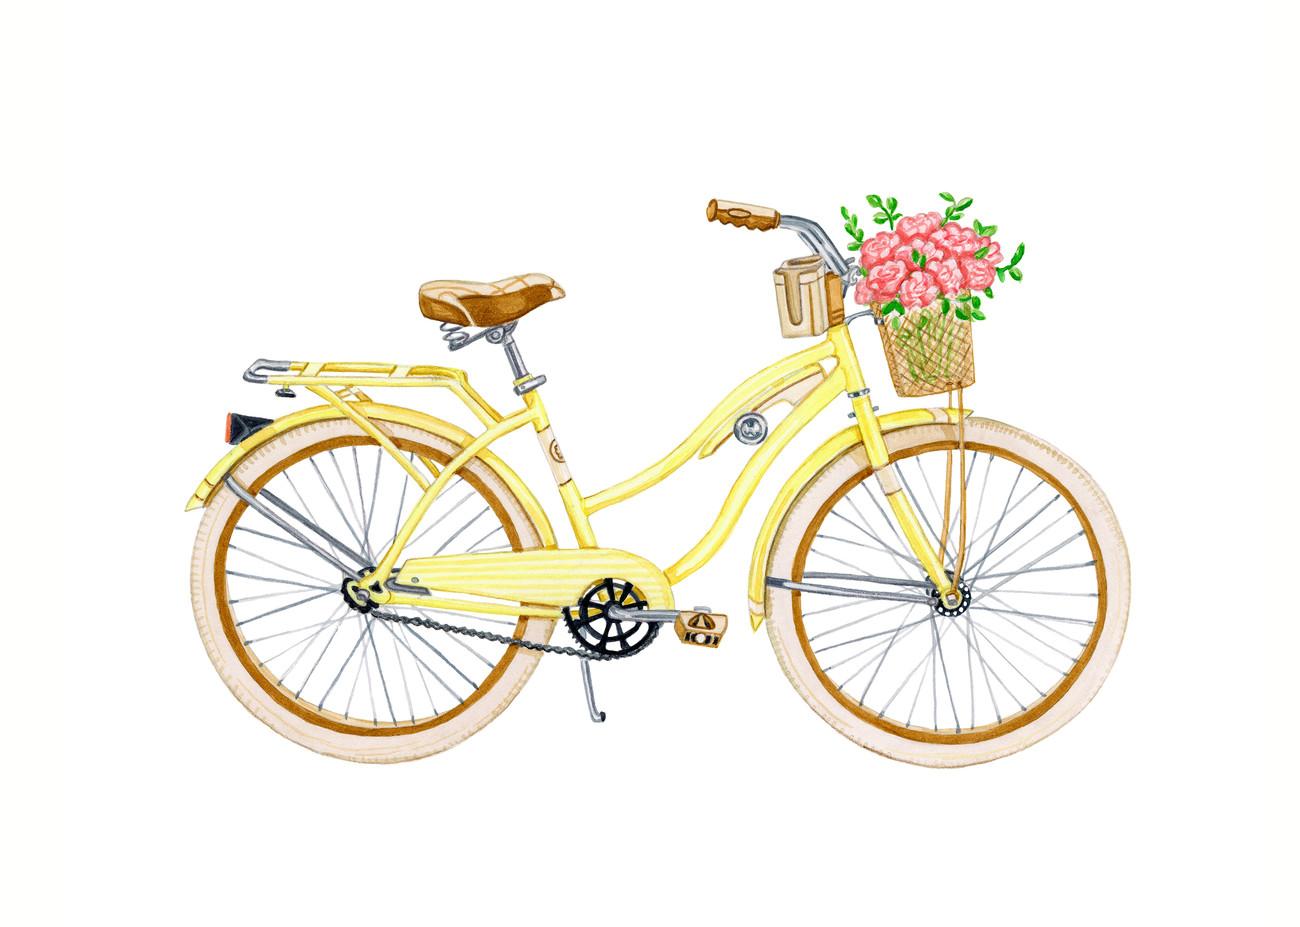 HomePageHorizontlBycicle.jpg